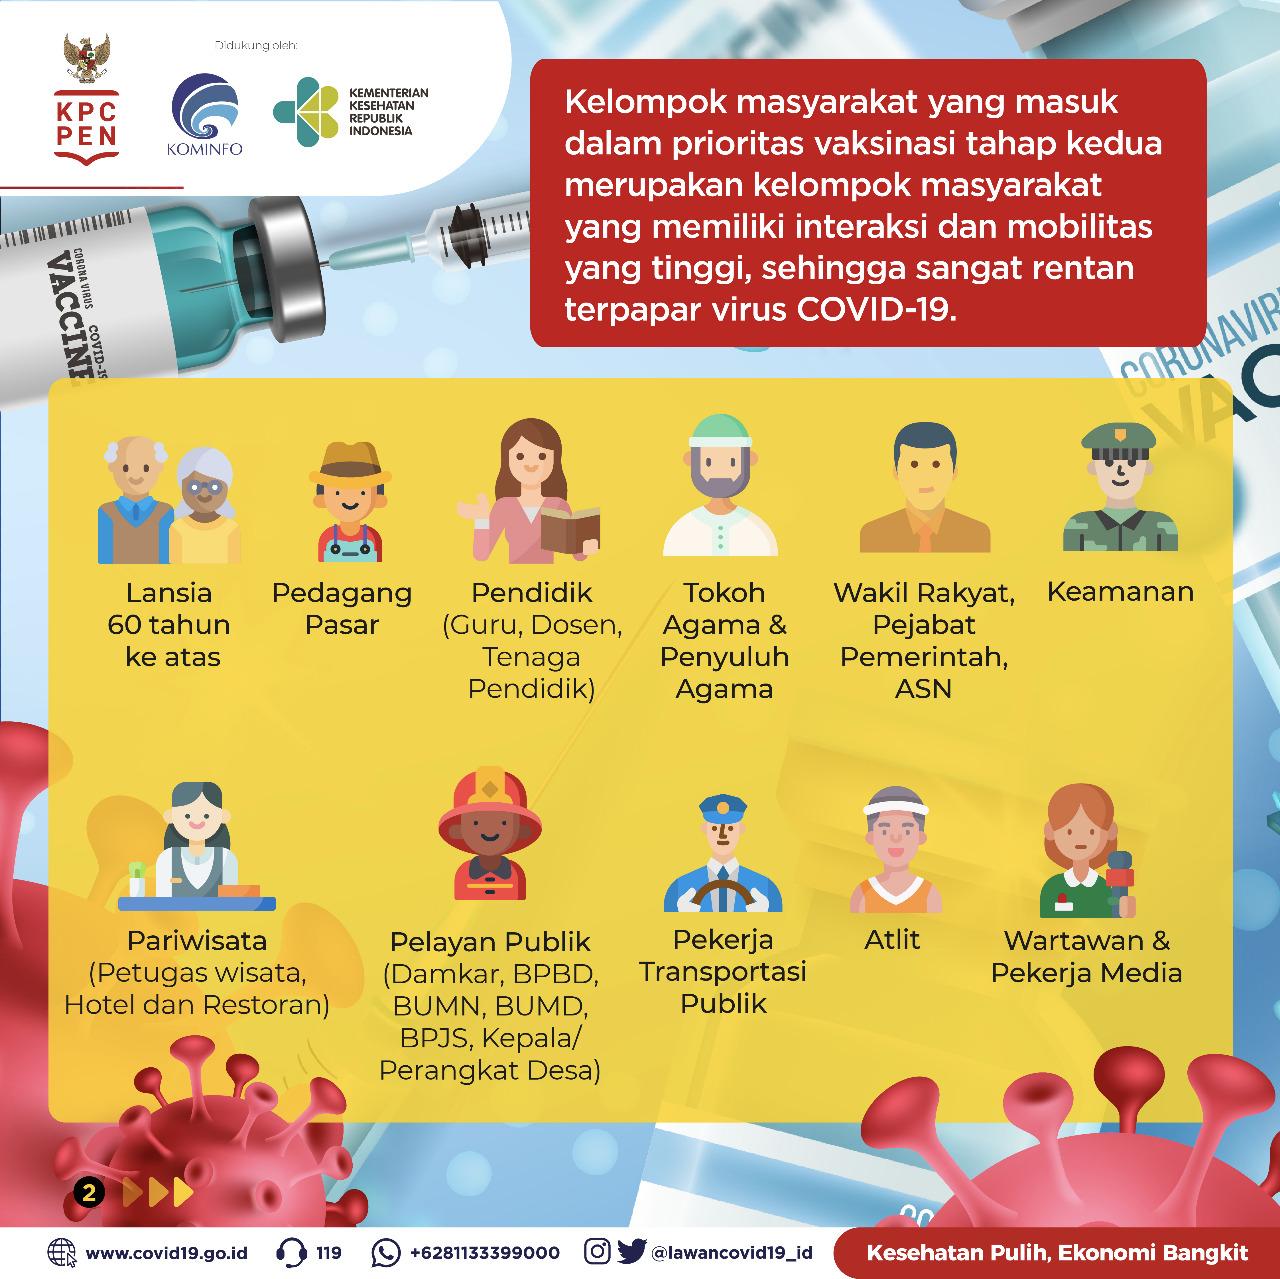 Inilah-Kelompok-Masyarakat-Sasaran-Prioritas-Vaksinasi-COVID-19-Tahap-Kedua-2